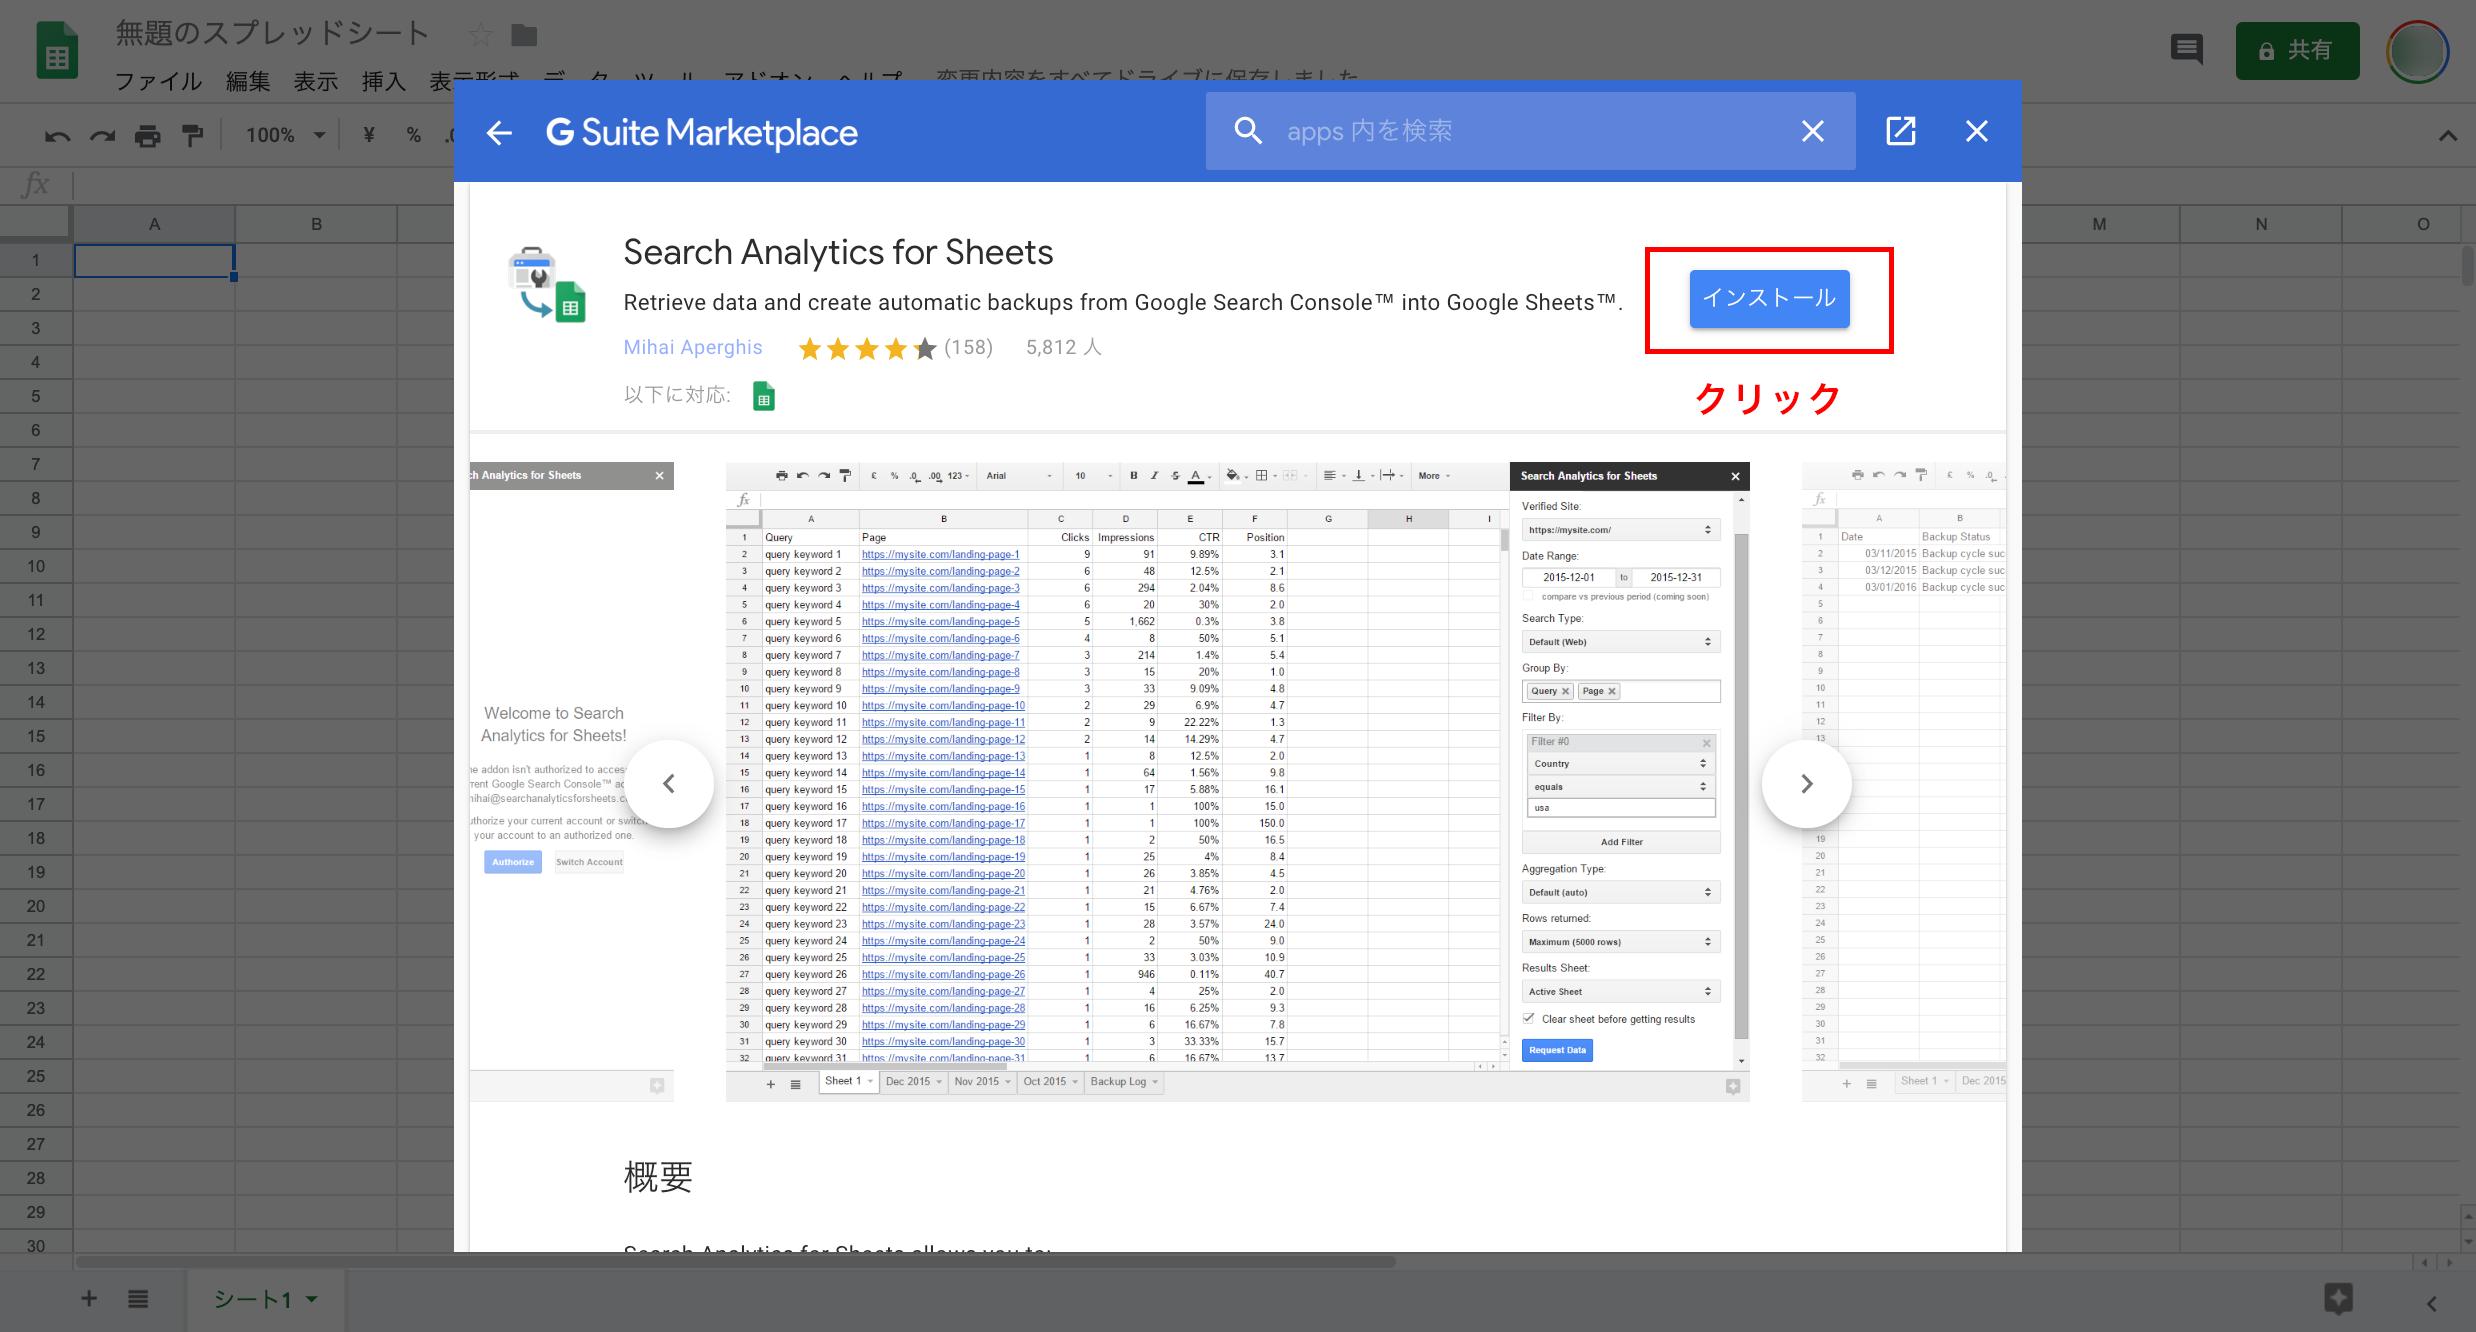 SearchConsoleデータをスプレッドシートに反映